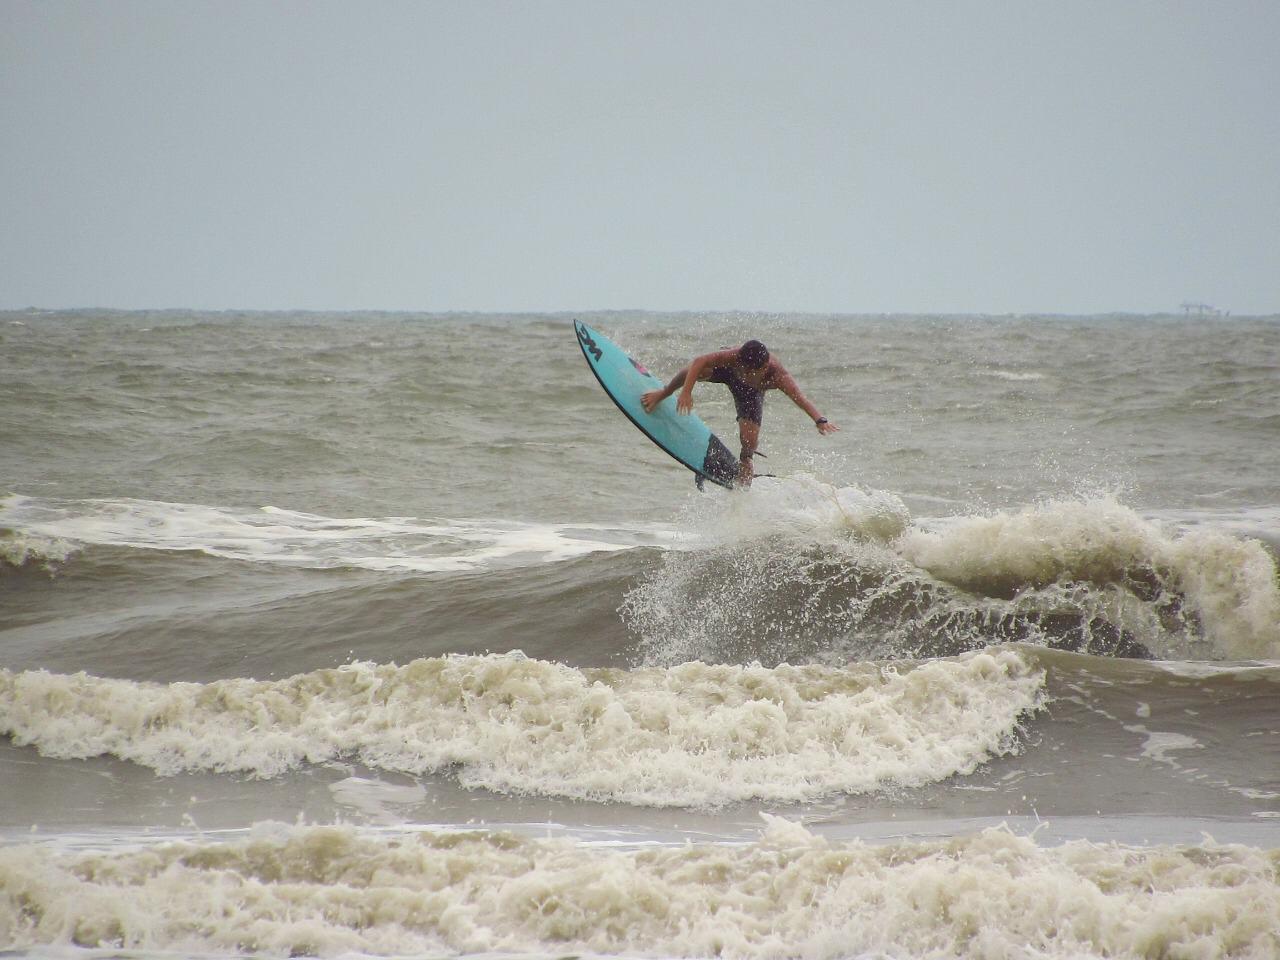 Mateus Lima usa o surf como terapia para superar adversidades e ... 10cacdcc5b